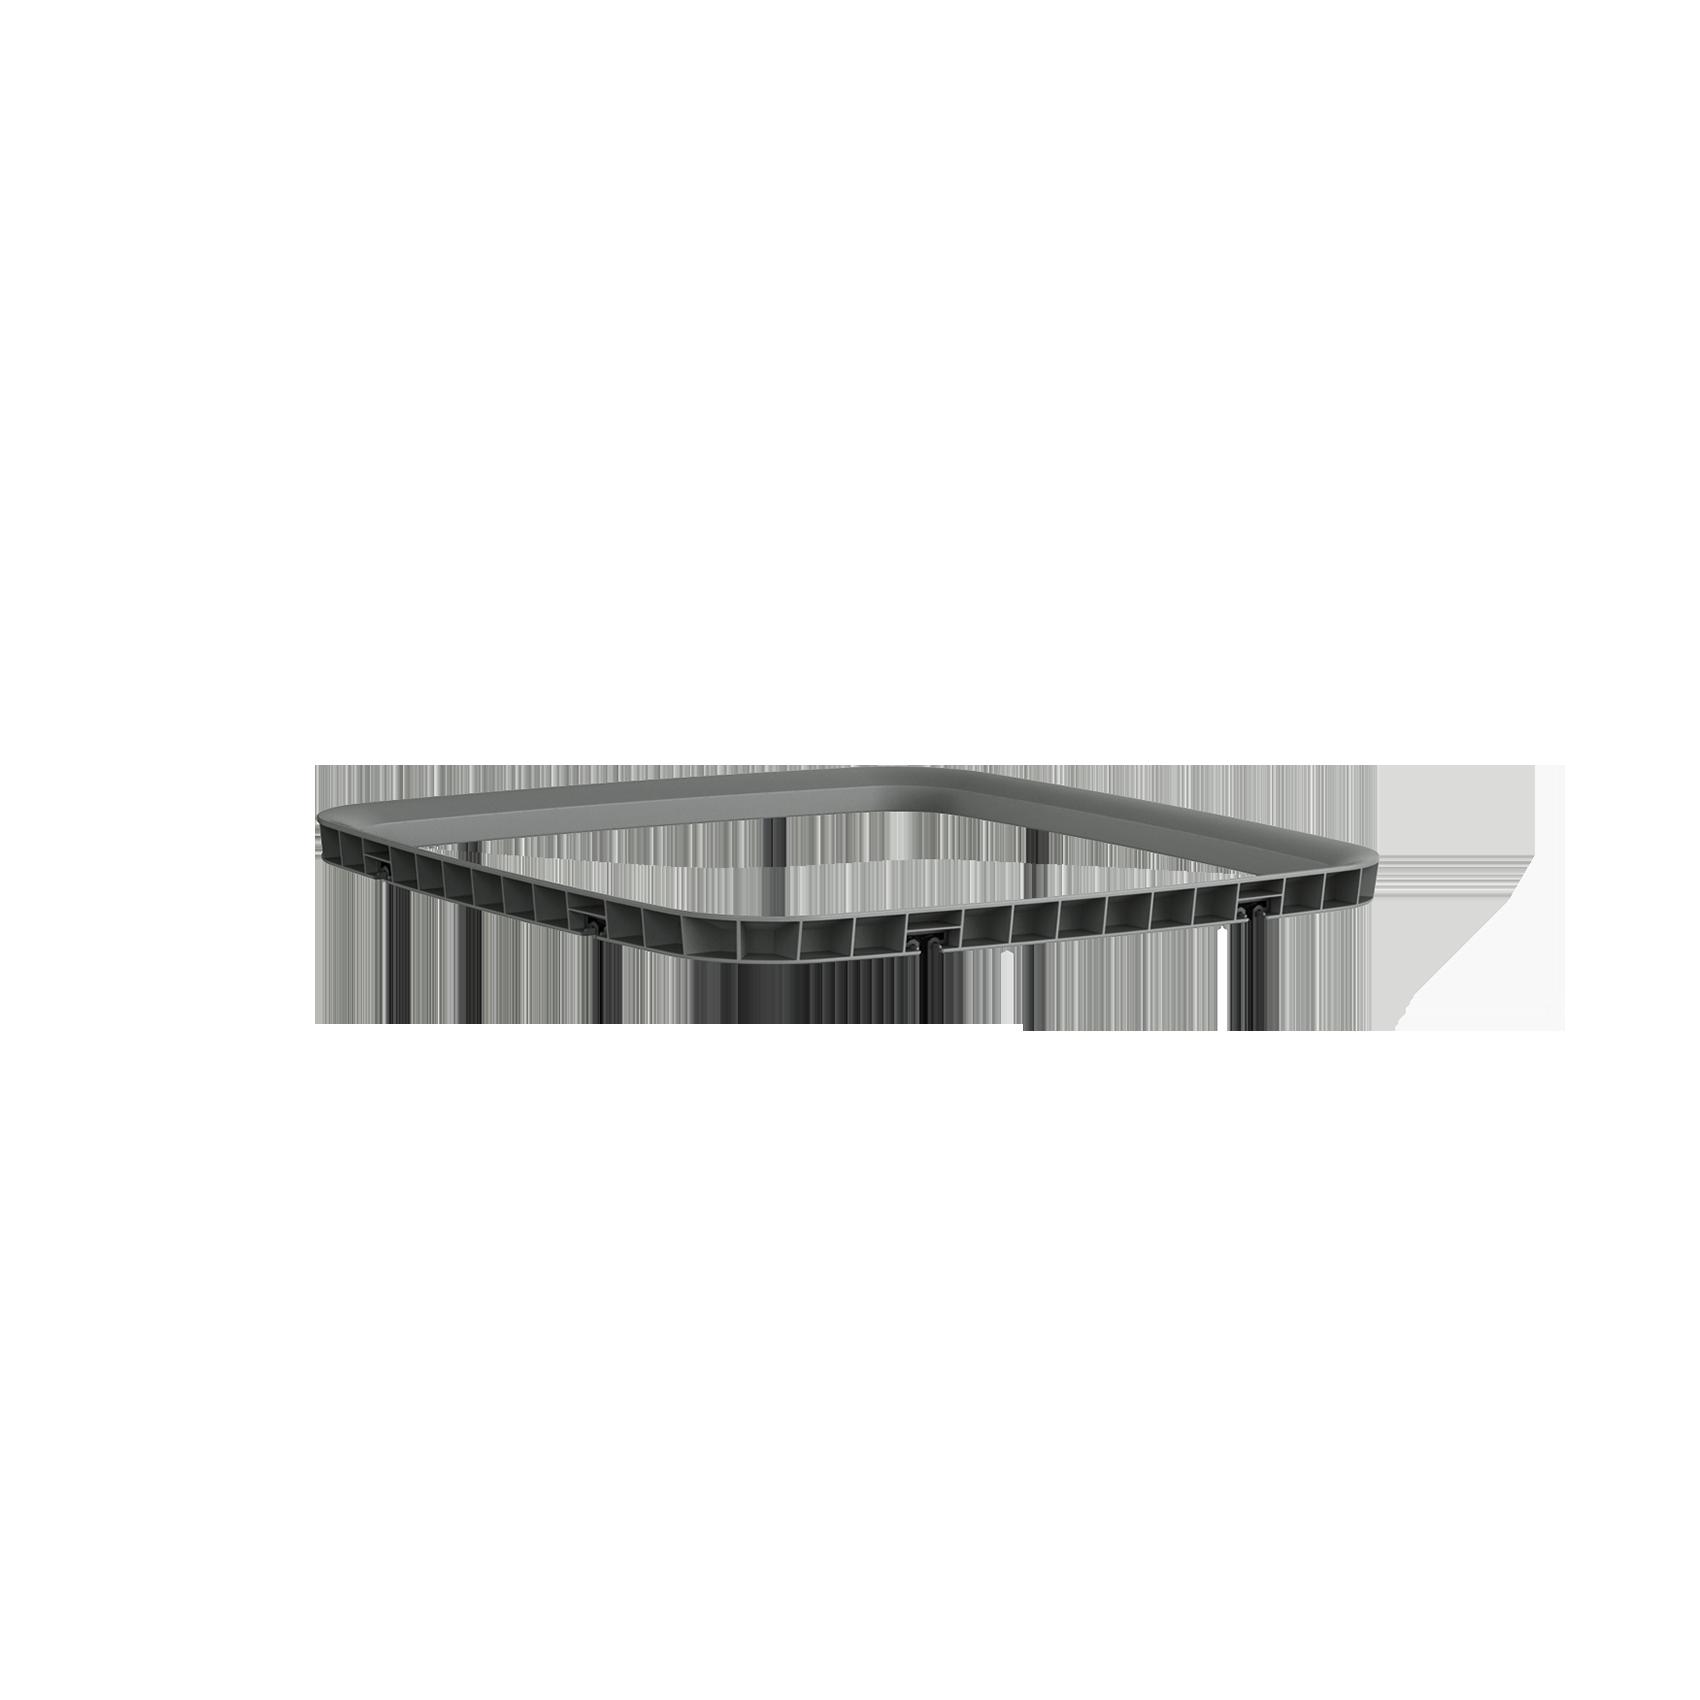 griffrahmen-bacino_product_listingimage